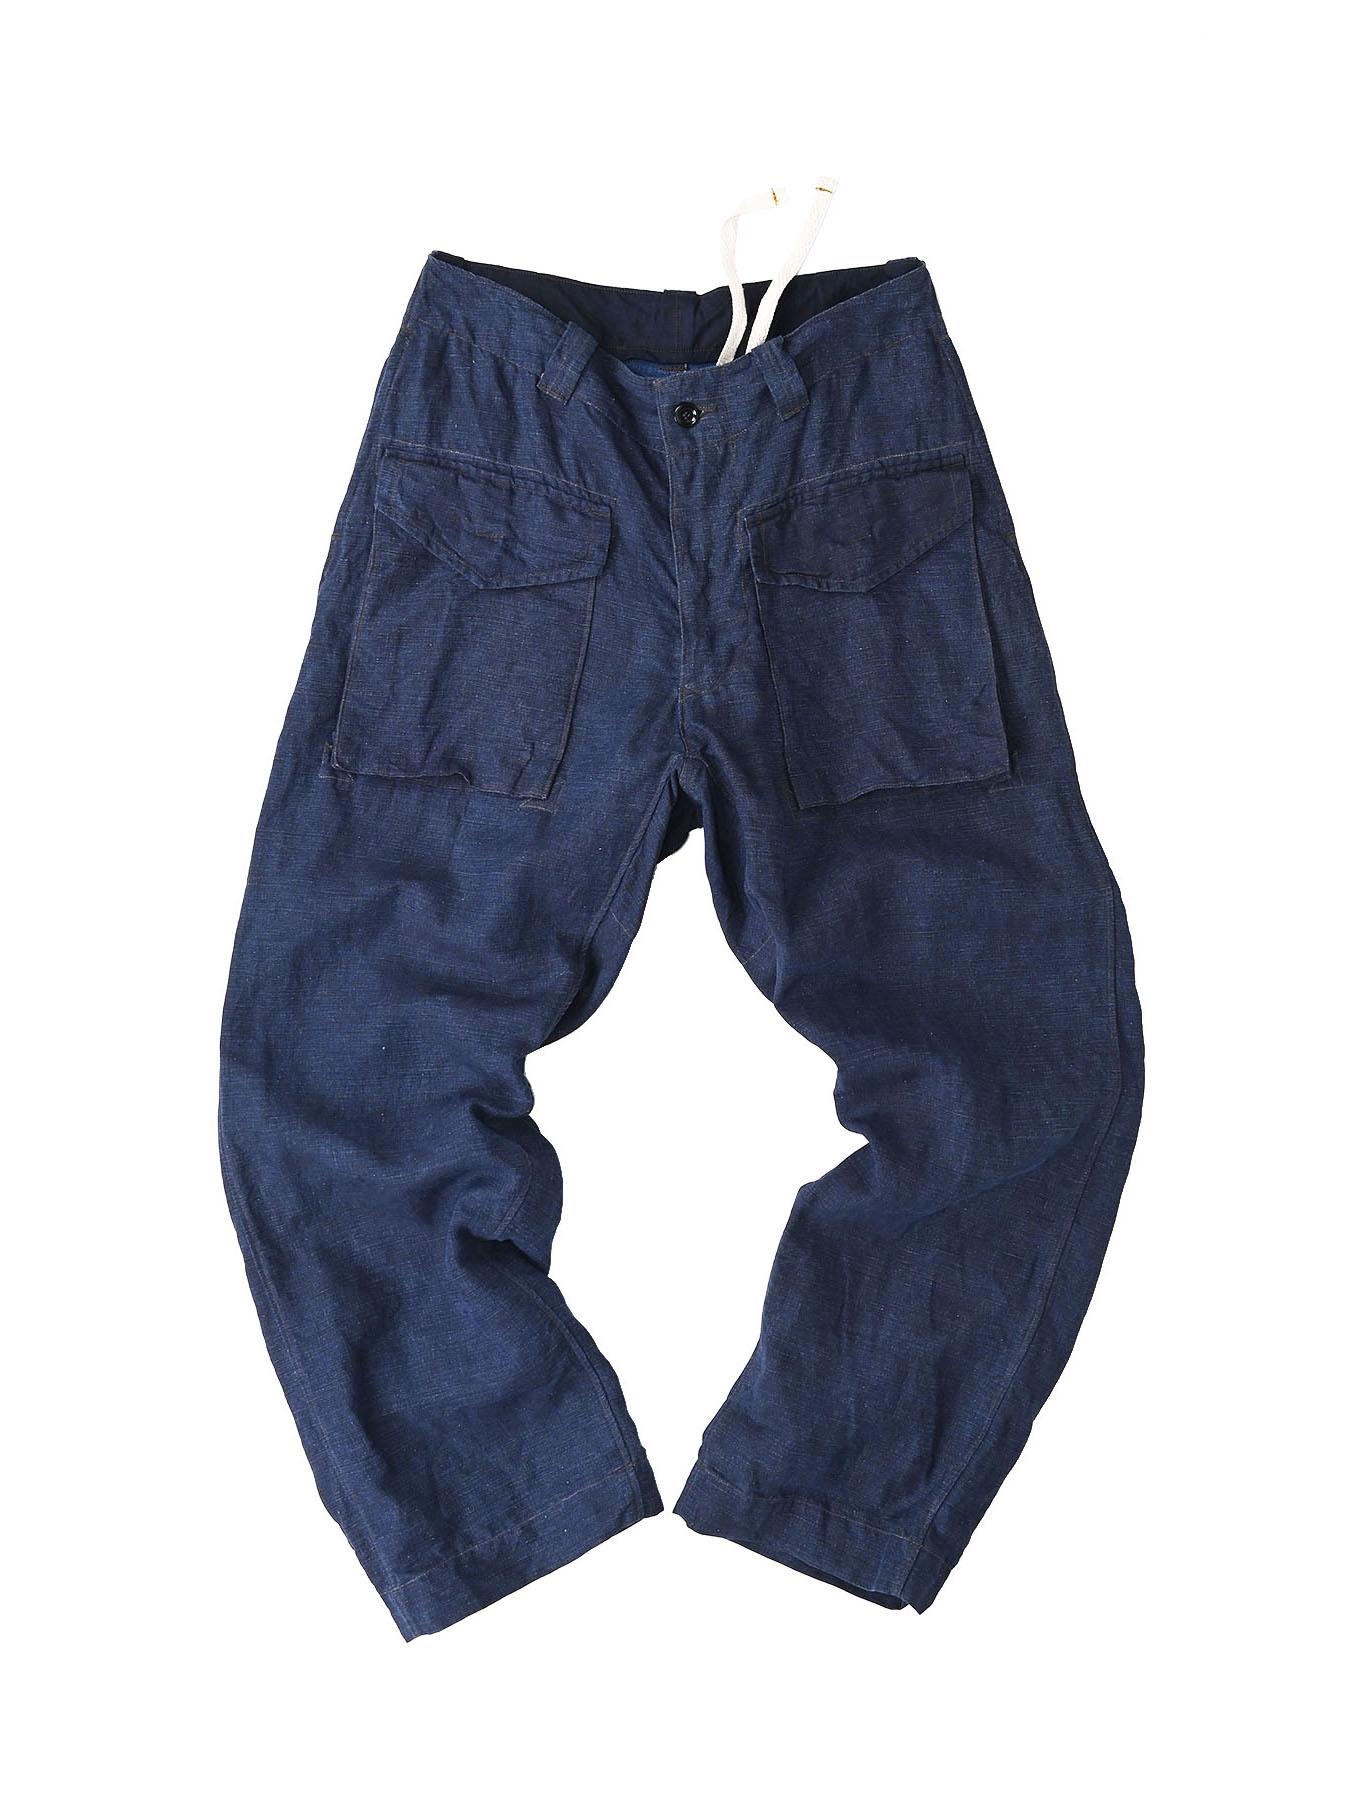 Indigo Nou Linen 908 Easy Sail Pants (0721)-1